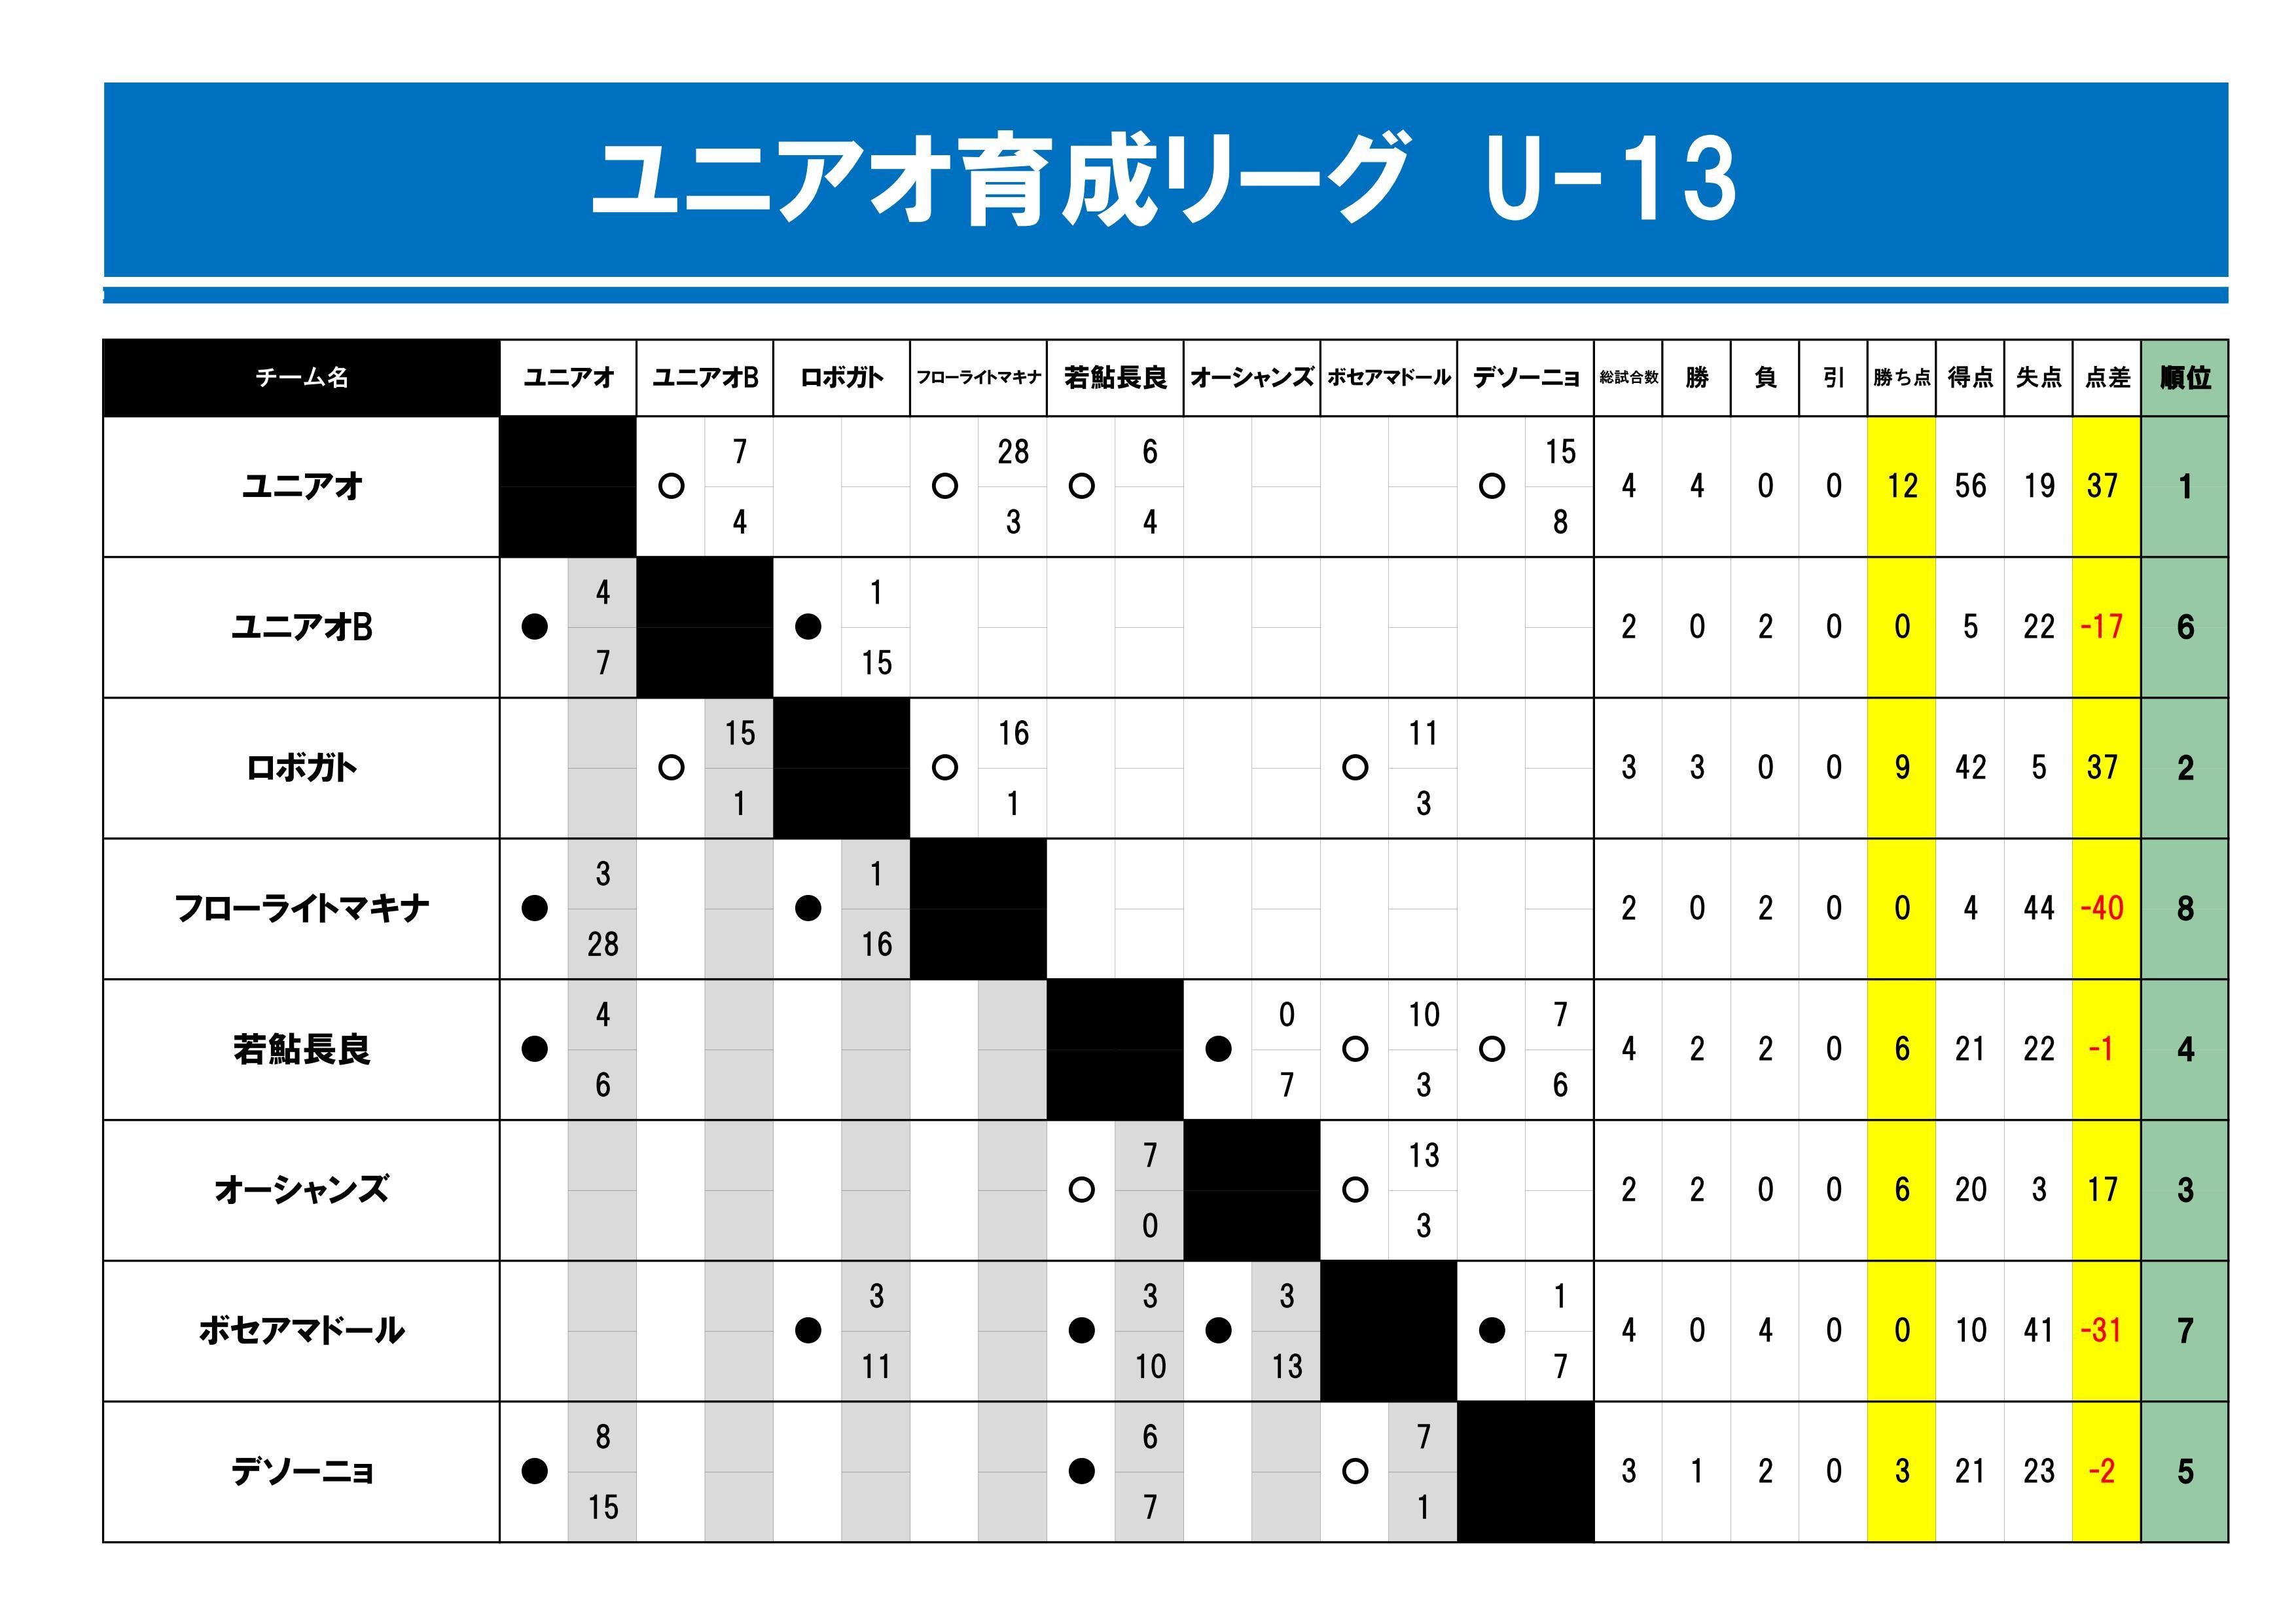 【2018.4】育成リーグU-13星_4